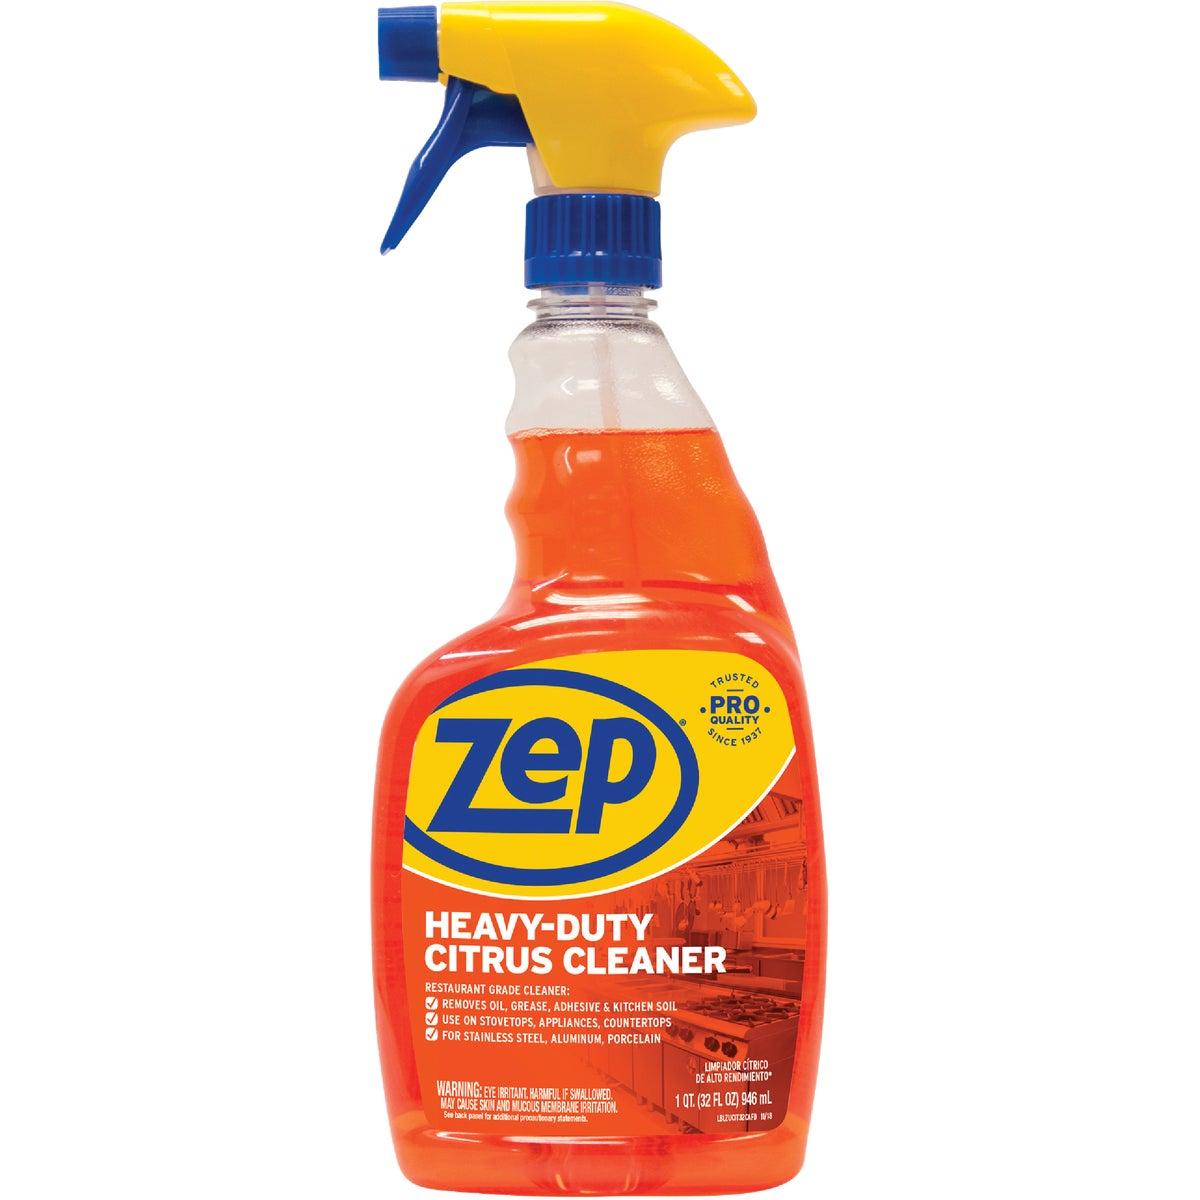 Zep Heavy-Duty Citrus Cleaner & Degreaser